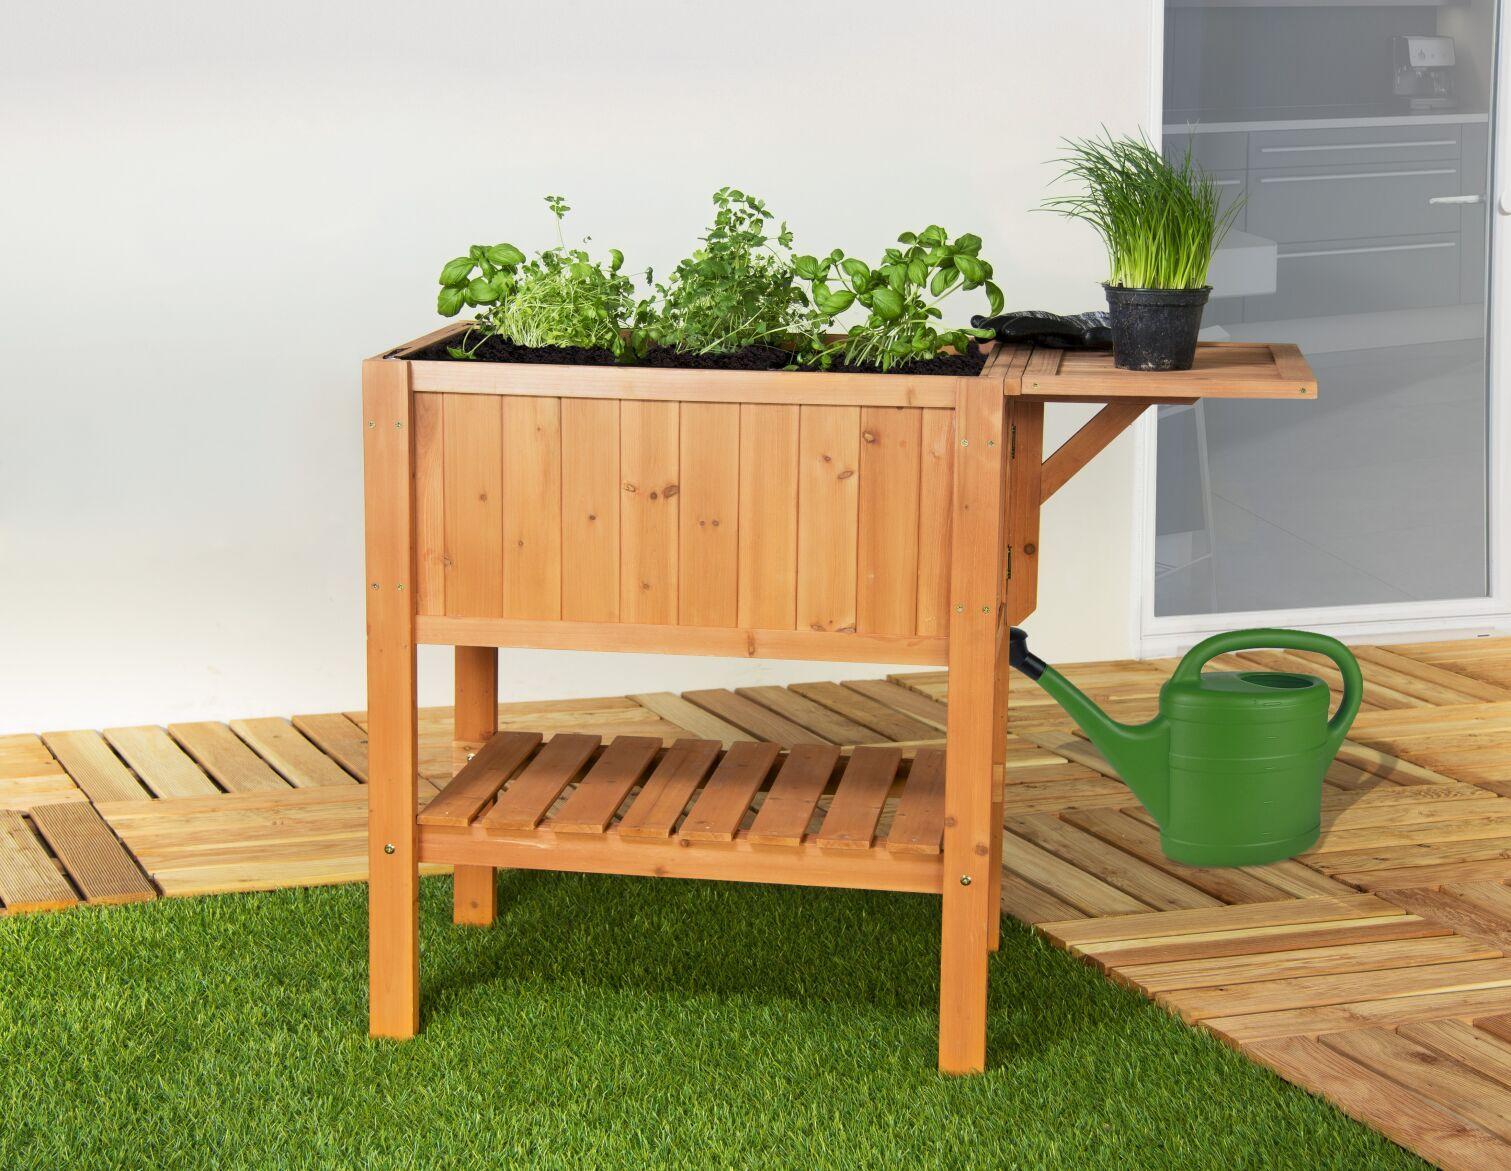 home & garden 301220108-he hochbeet beet floralis aus holz höhe 80cm